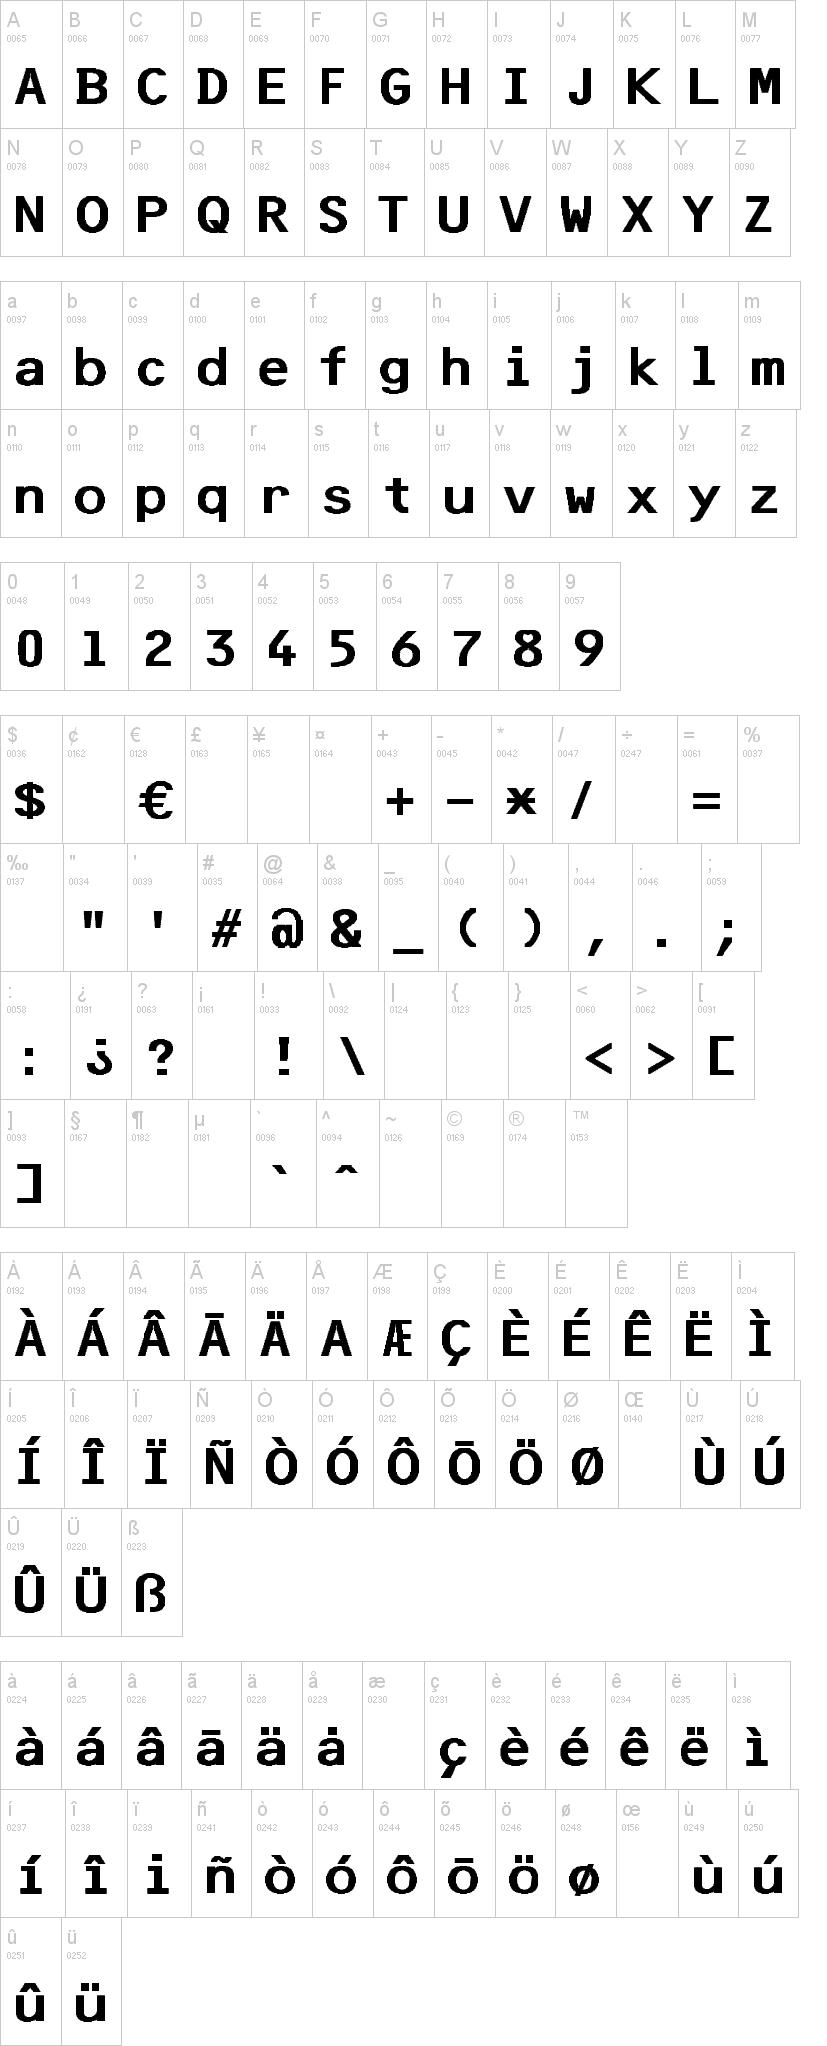 F25 Bank Printer Font | dafont com